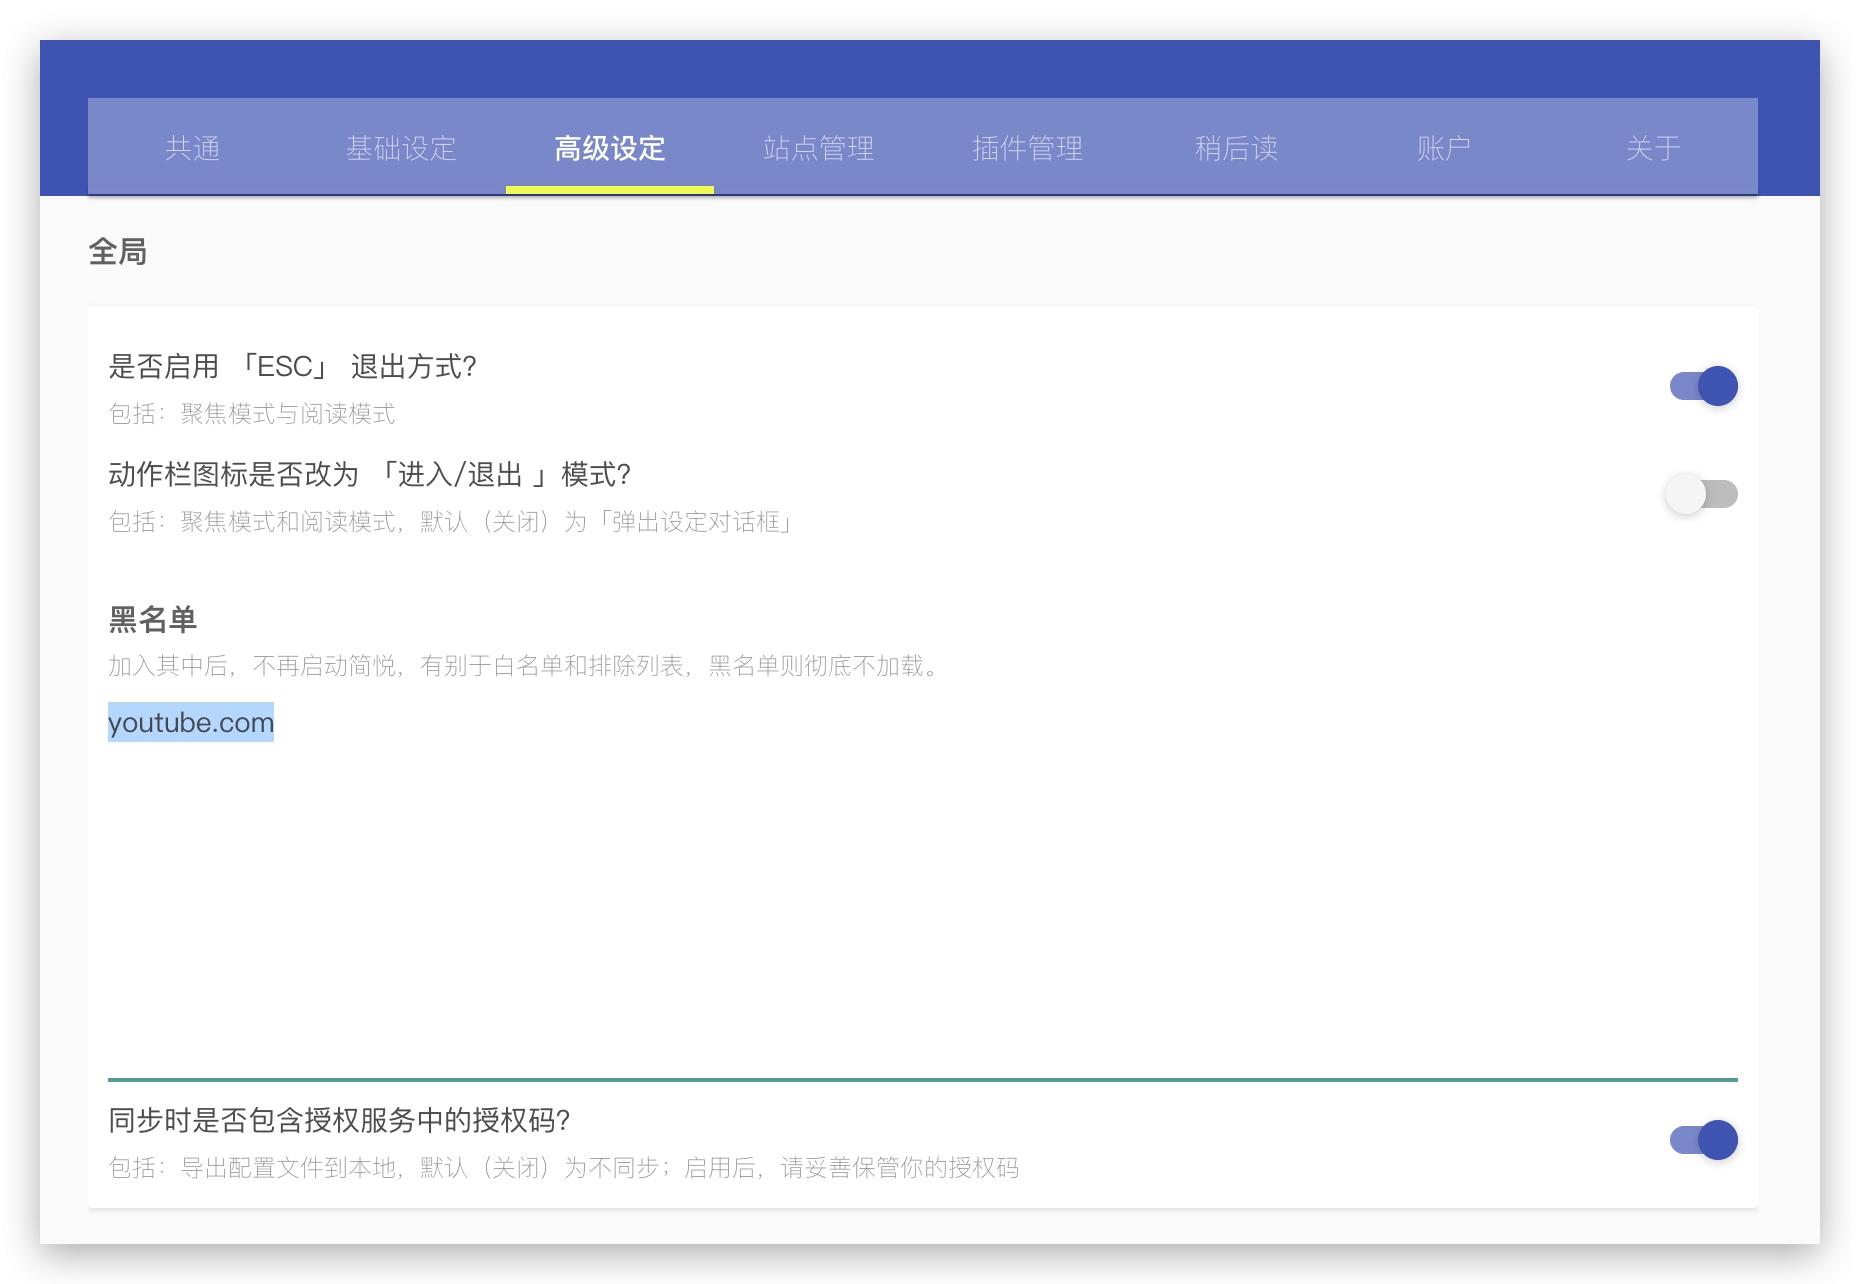 1.1.2.5005 導致 YouTube 加載出錯的朋友請看這里 · Issue #487 · Kenshin/simpread · GitHub